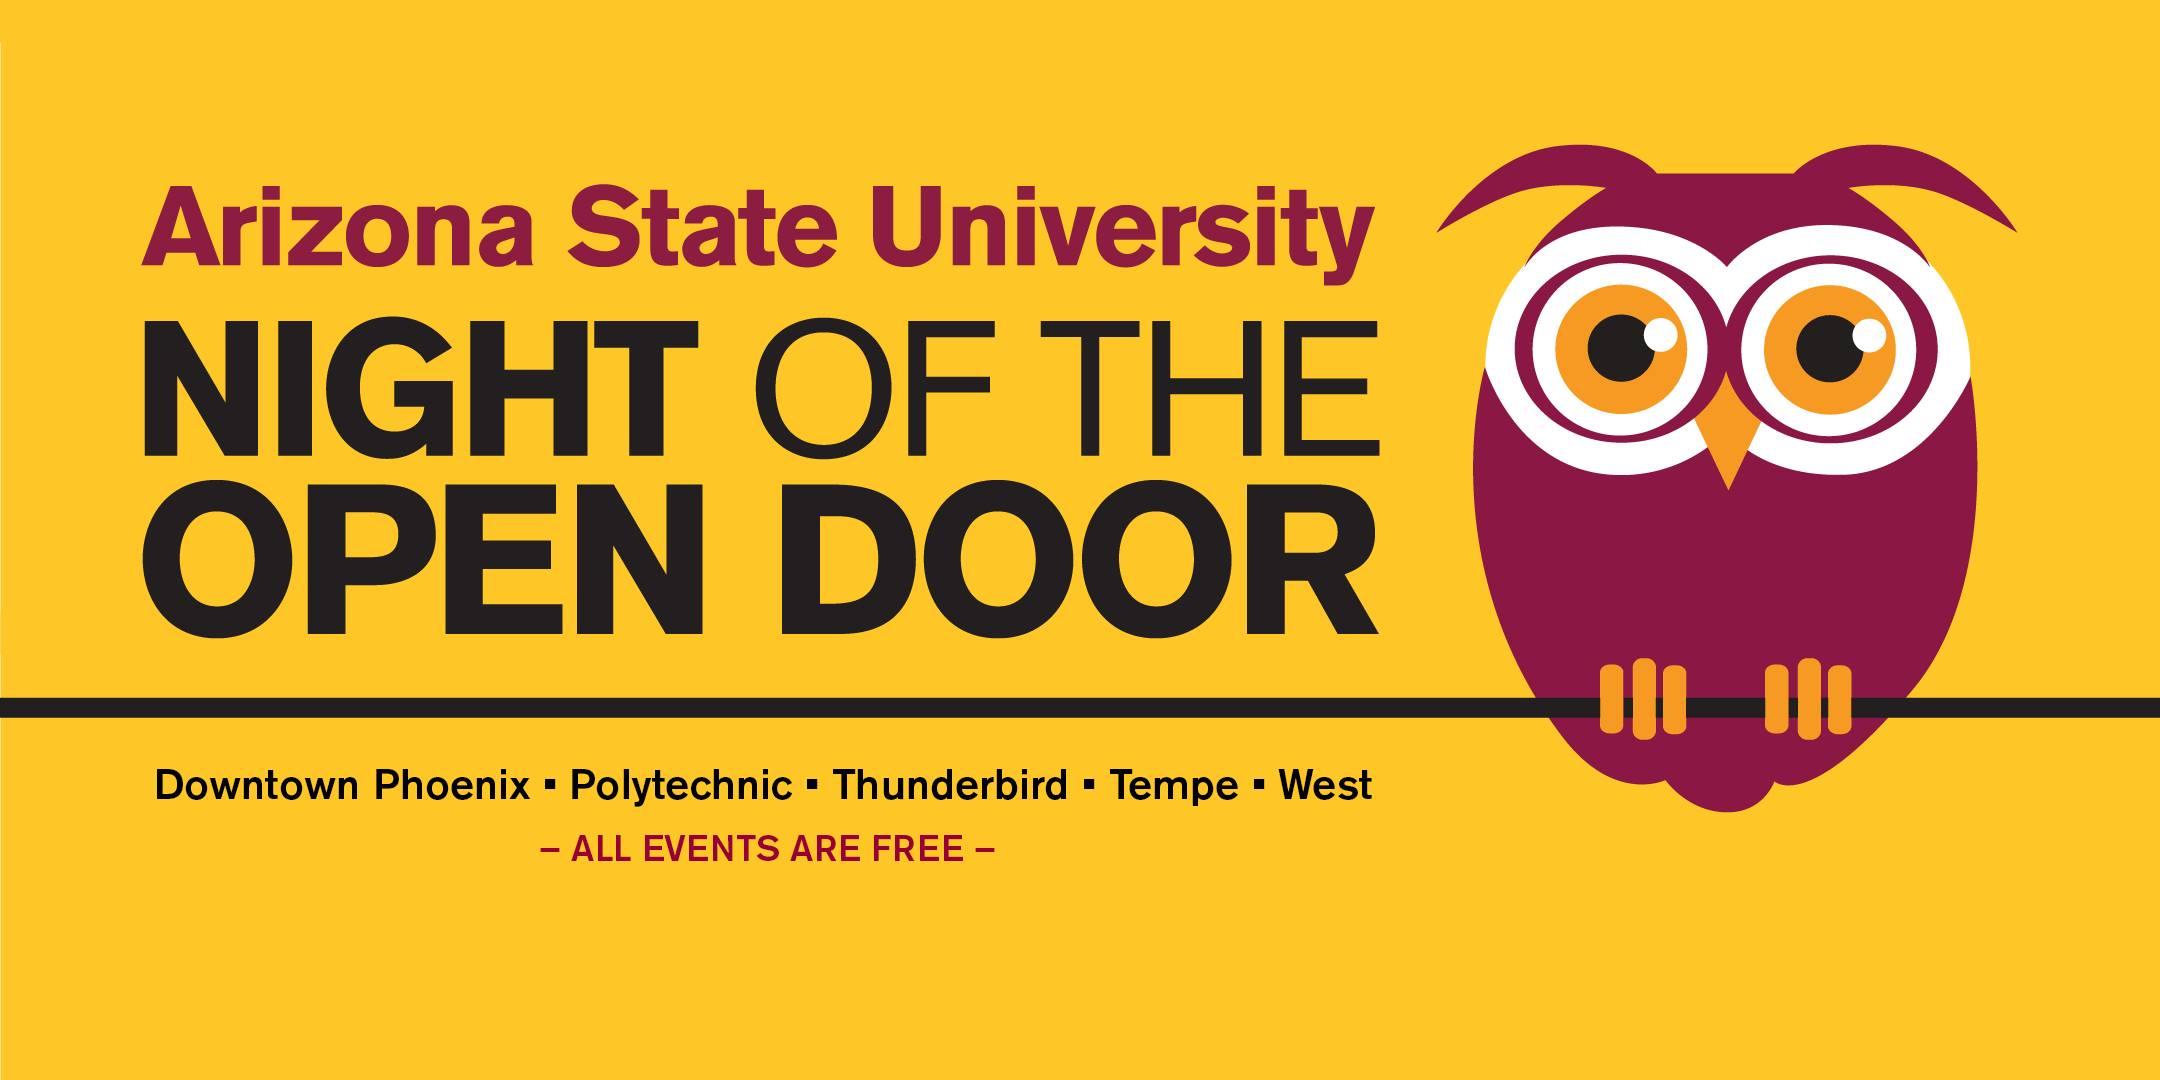 Night of the Open Door